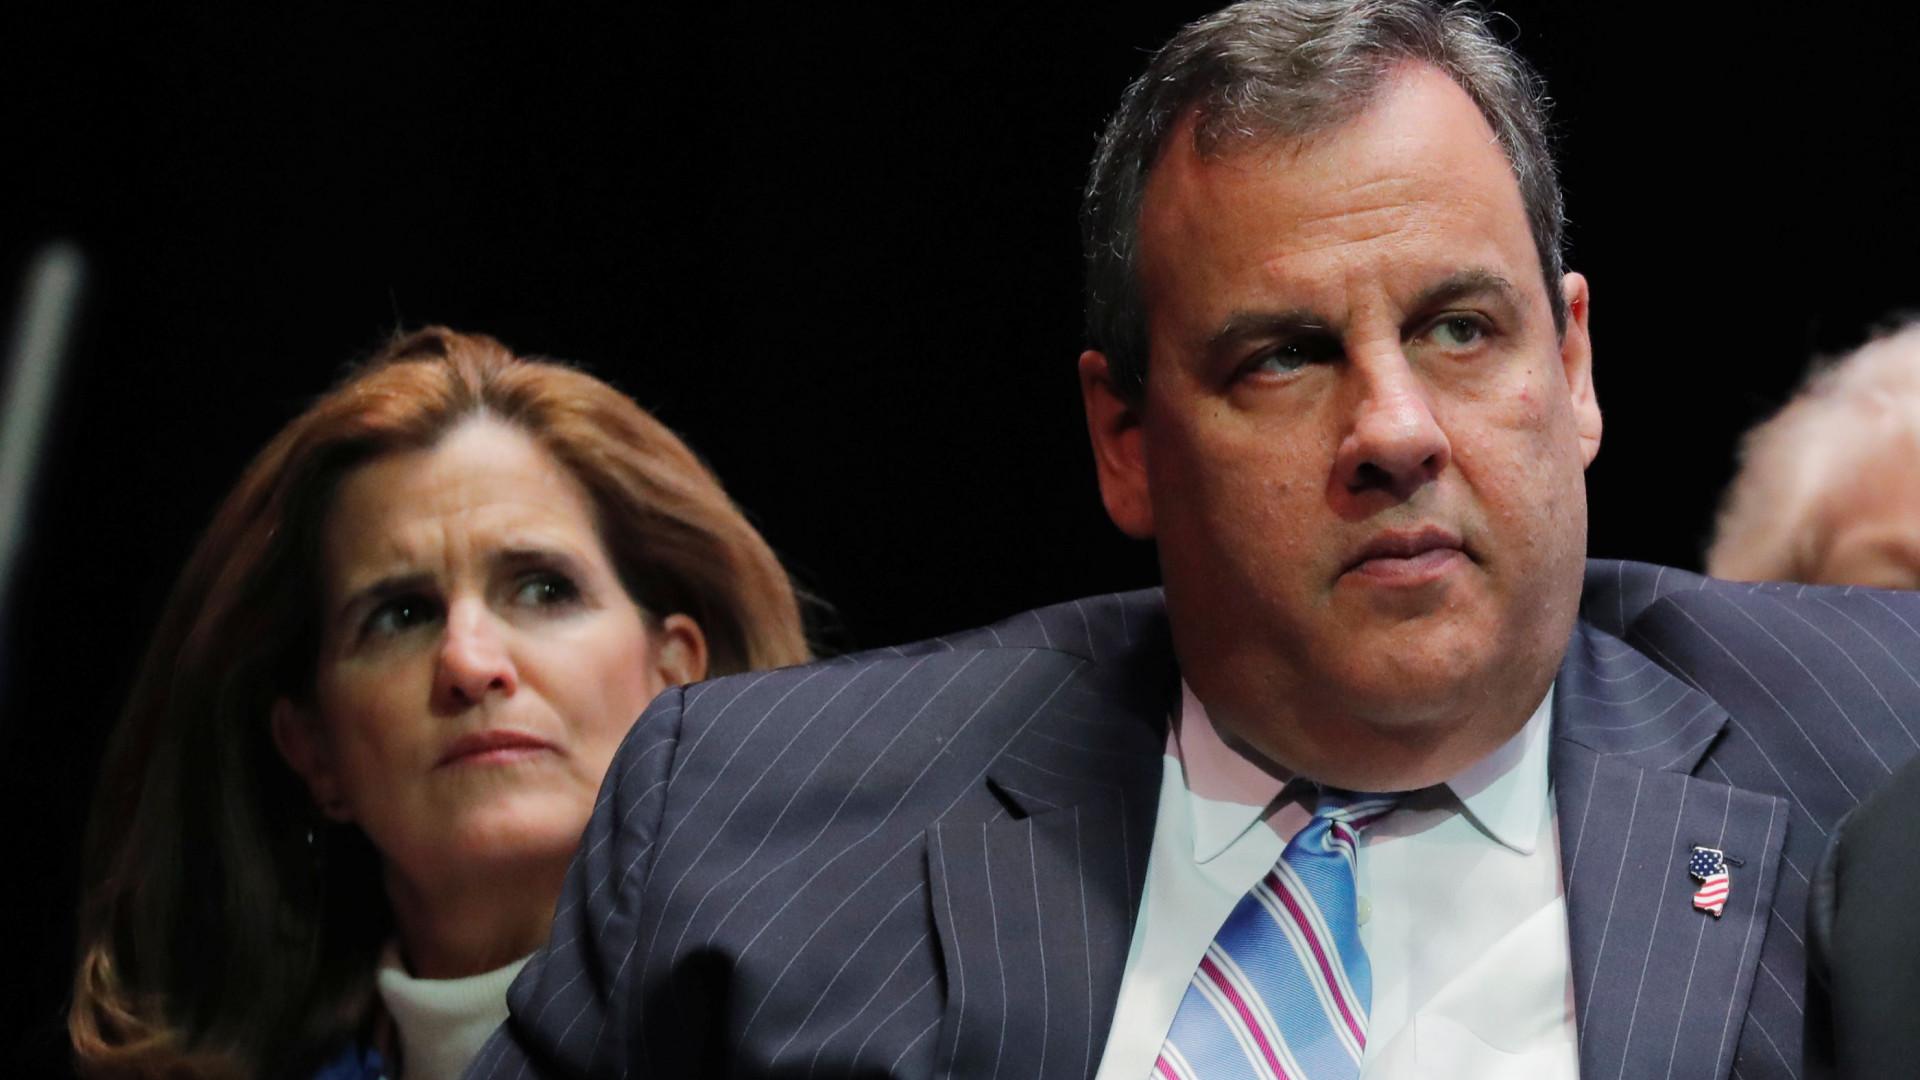 Chris Christie recusa ser chefe de gabinete de Donald Trump